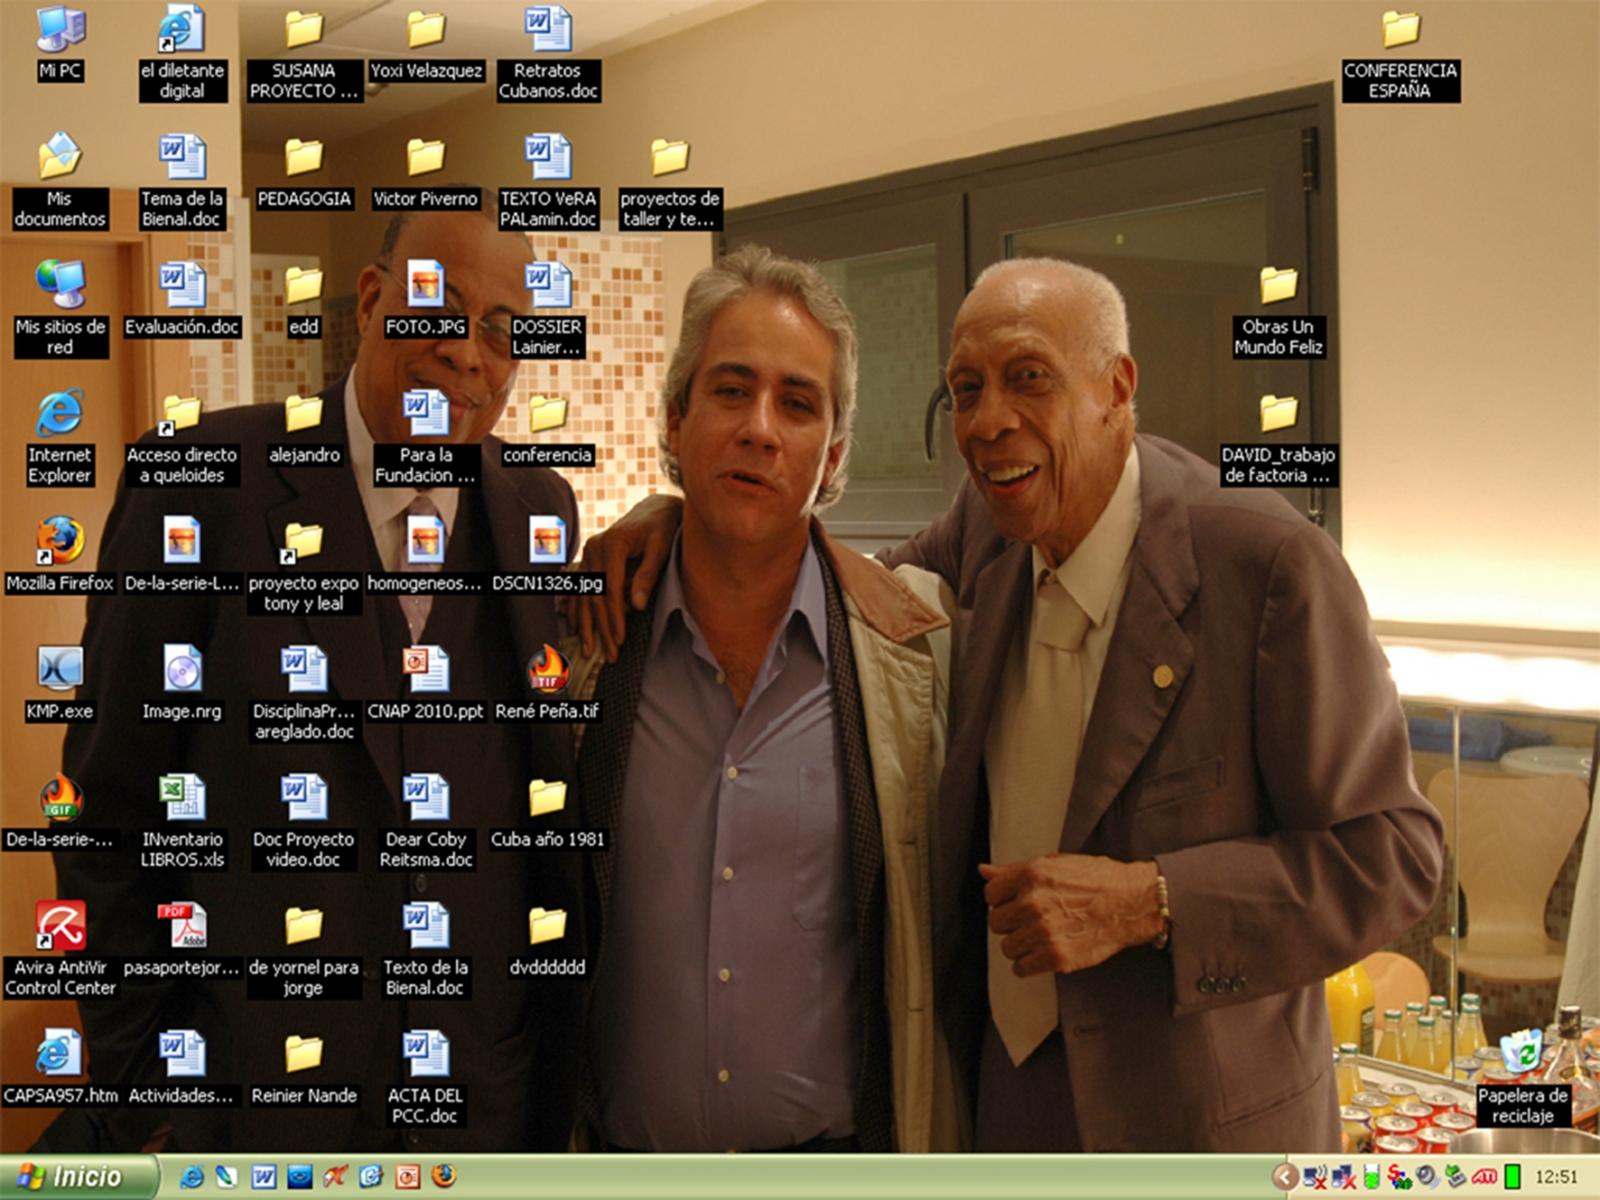 Jorge-Fernández-09.12.10-Fotografía-2709-x-3612-cm